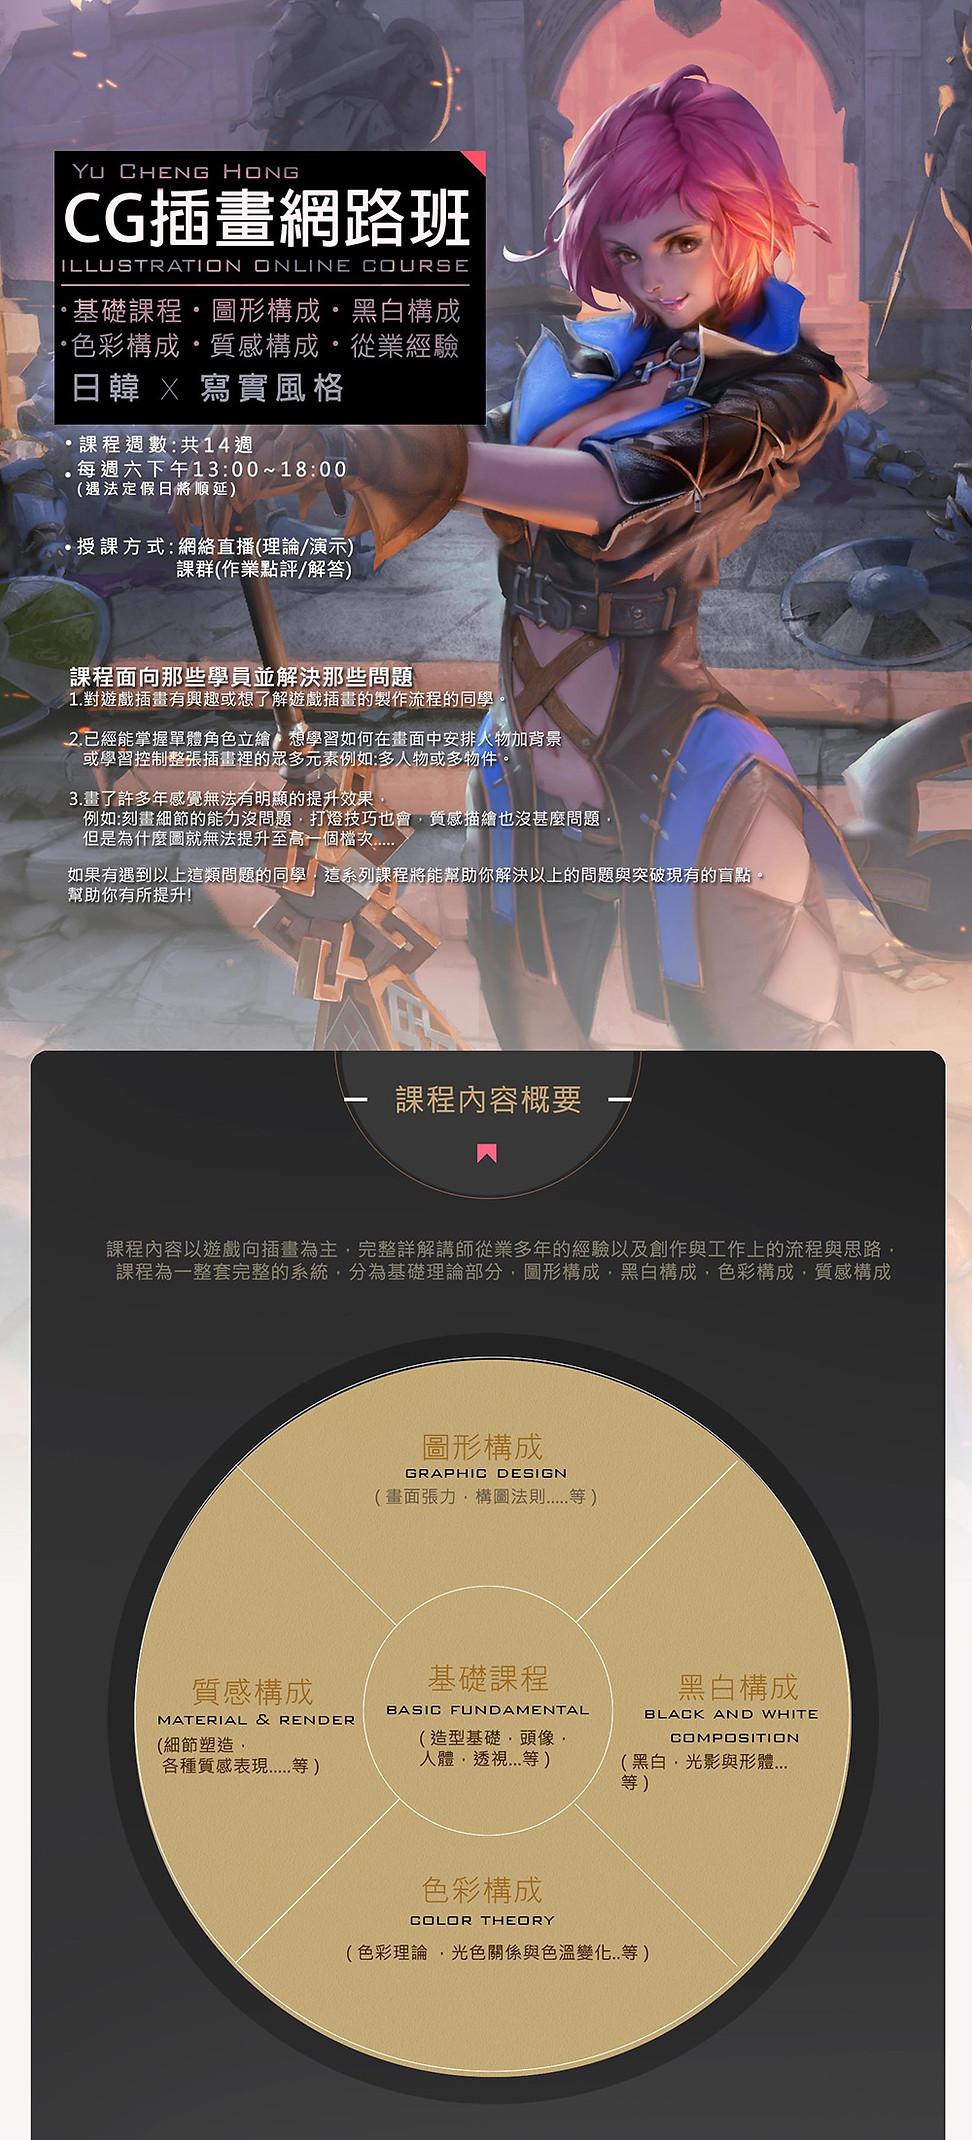 課程章節內容_00title摘要-201965-No.jpg